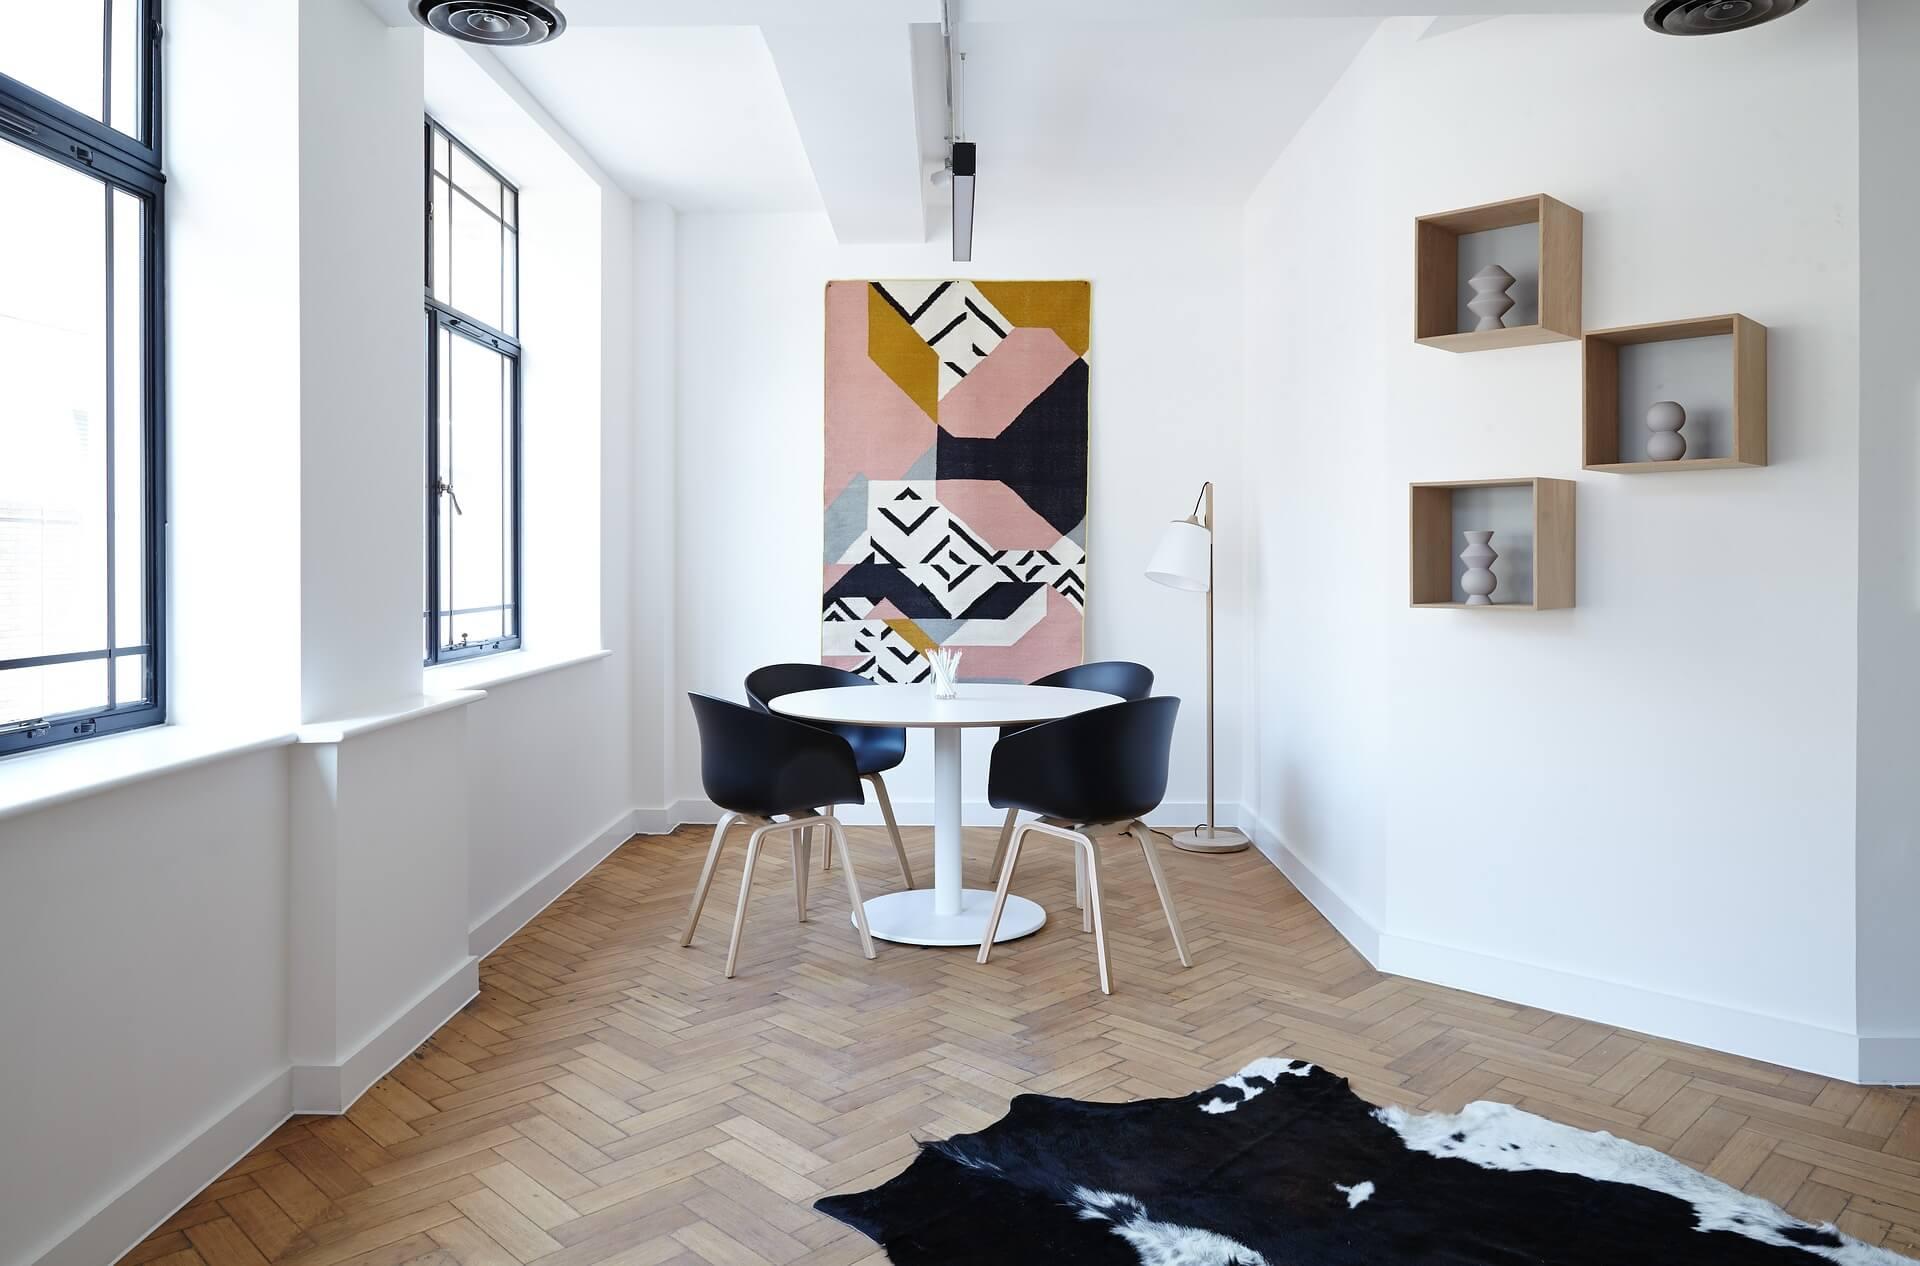 Kunst in interieur